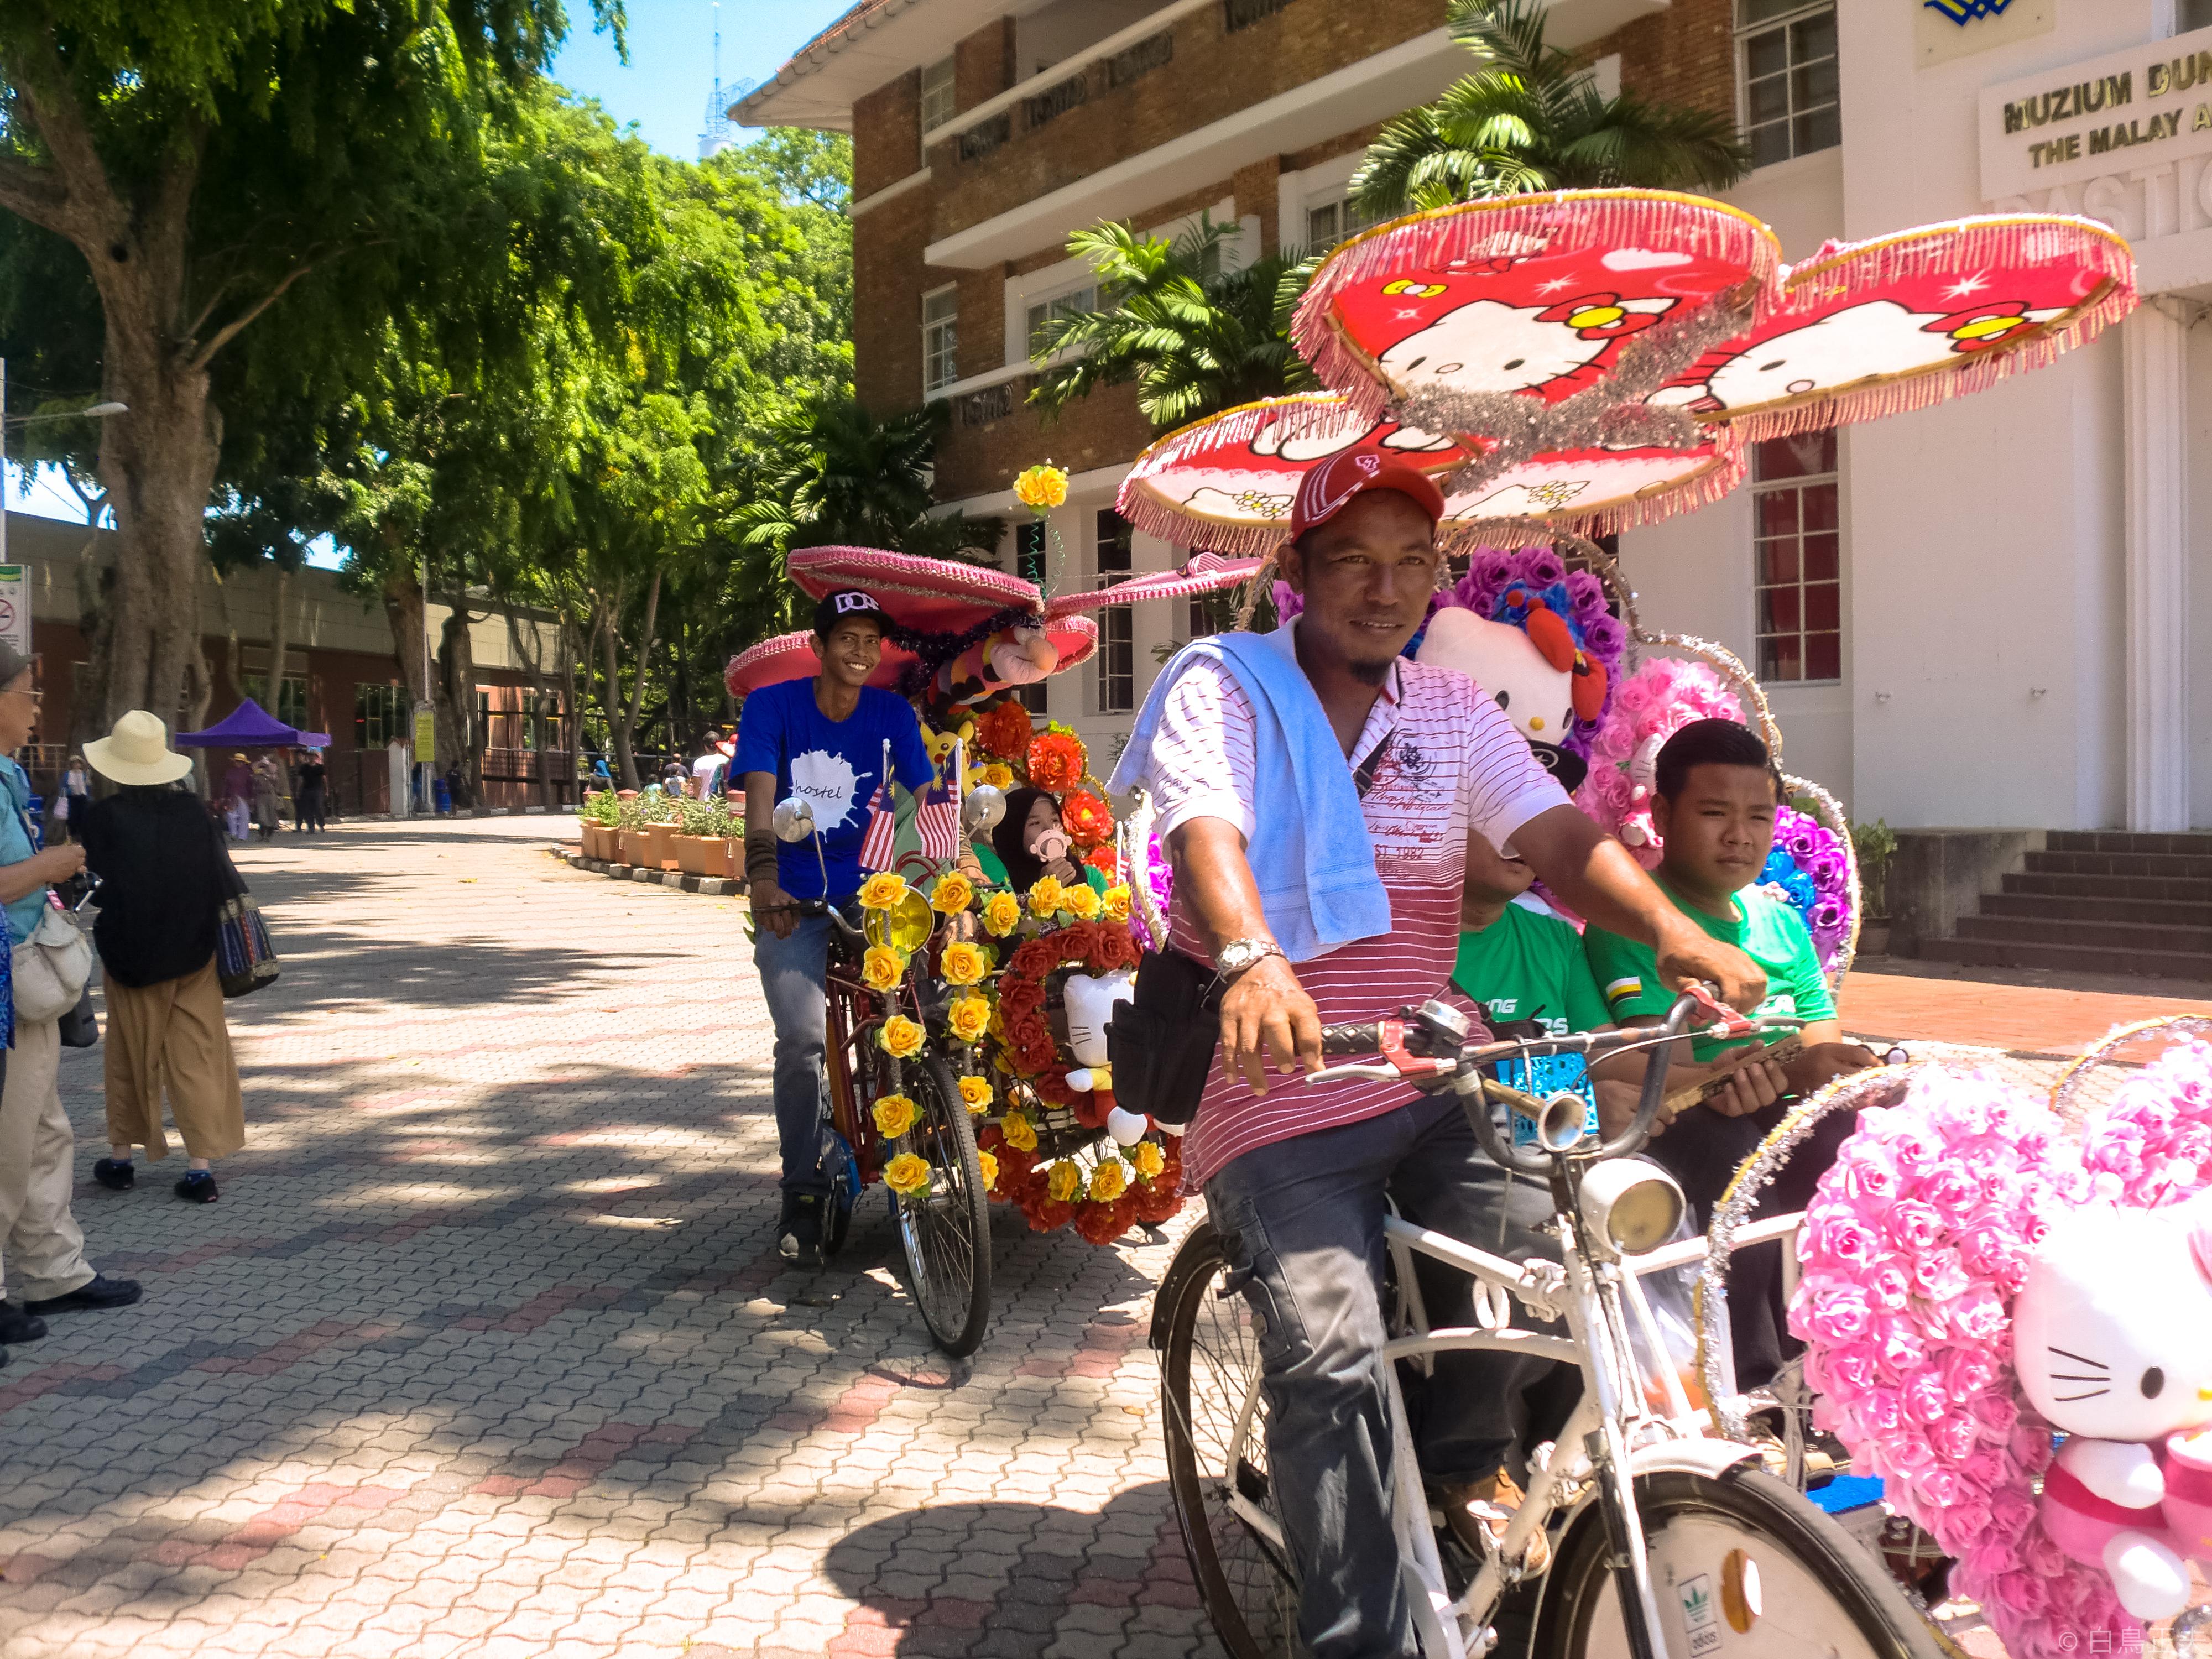 タクシー代わりの飾り自転車